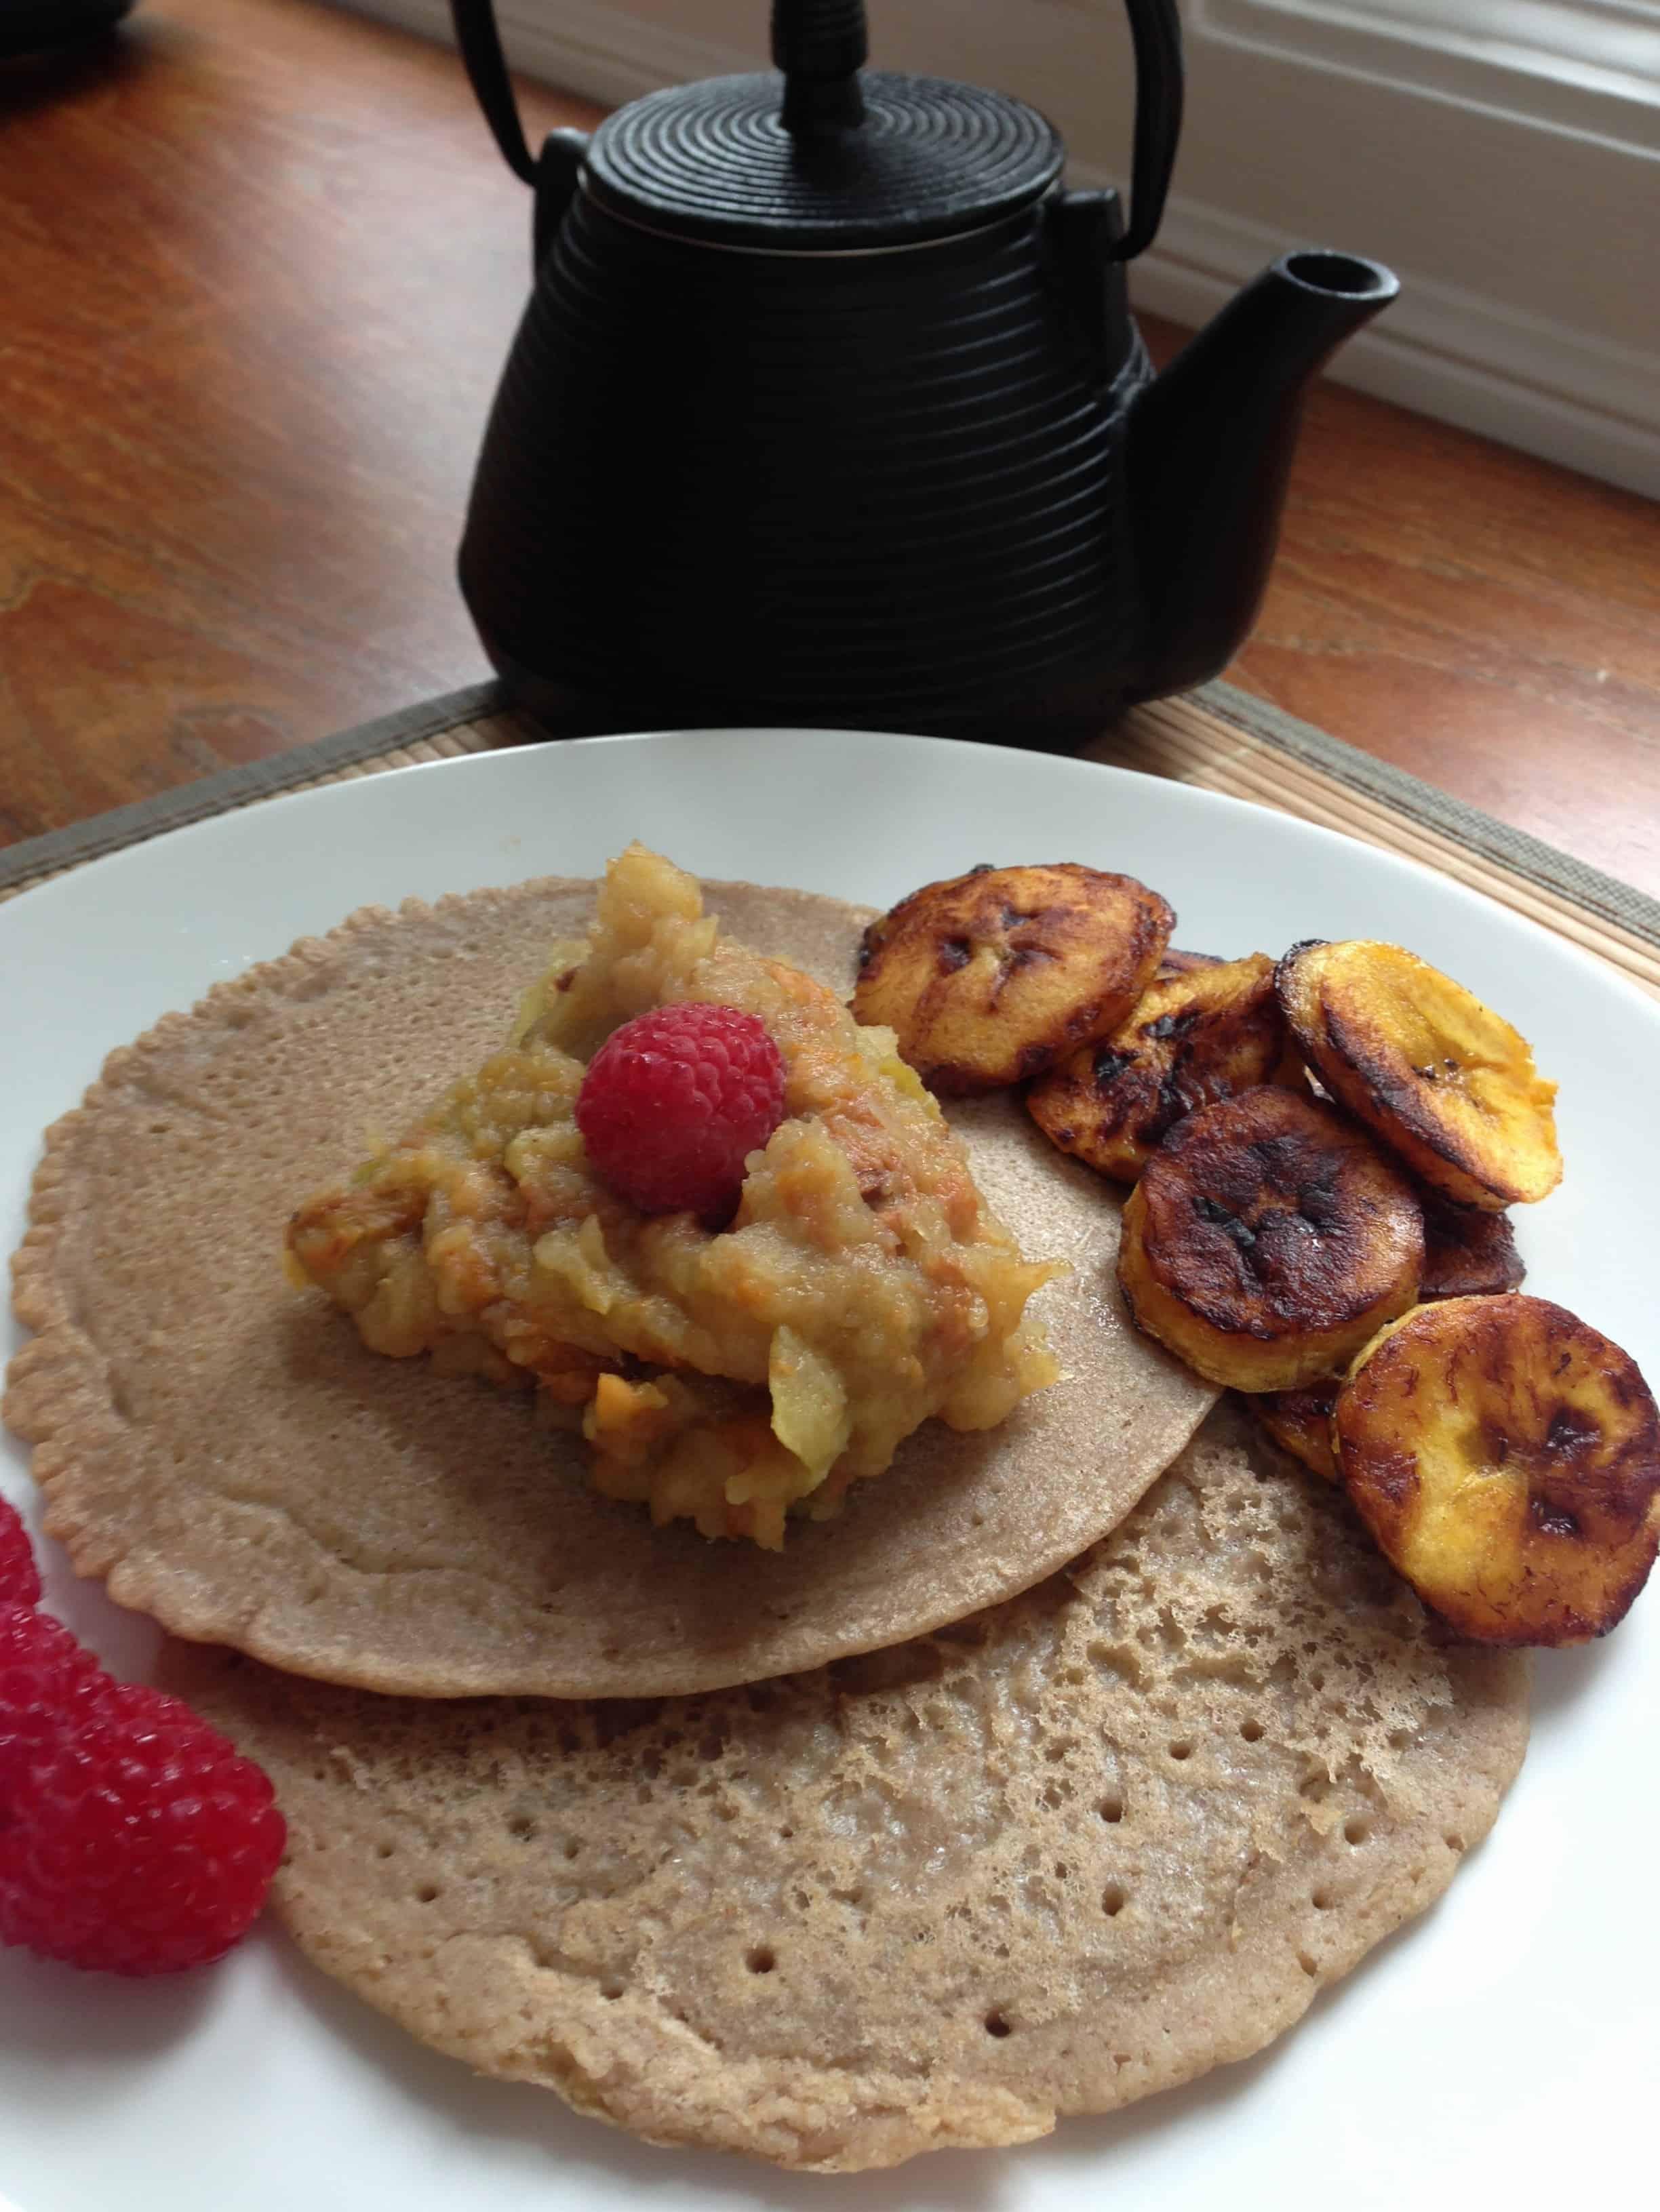 Gluten free, dairy free, sugar free, nut free, egg free, vegan breakfastTri Holistic Nutrition